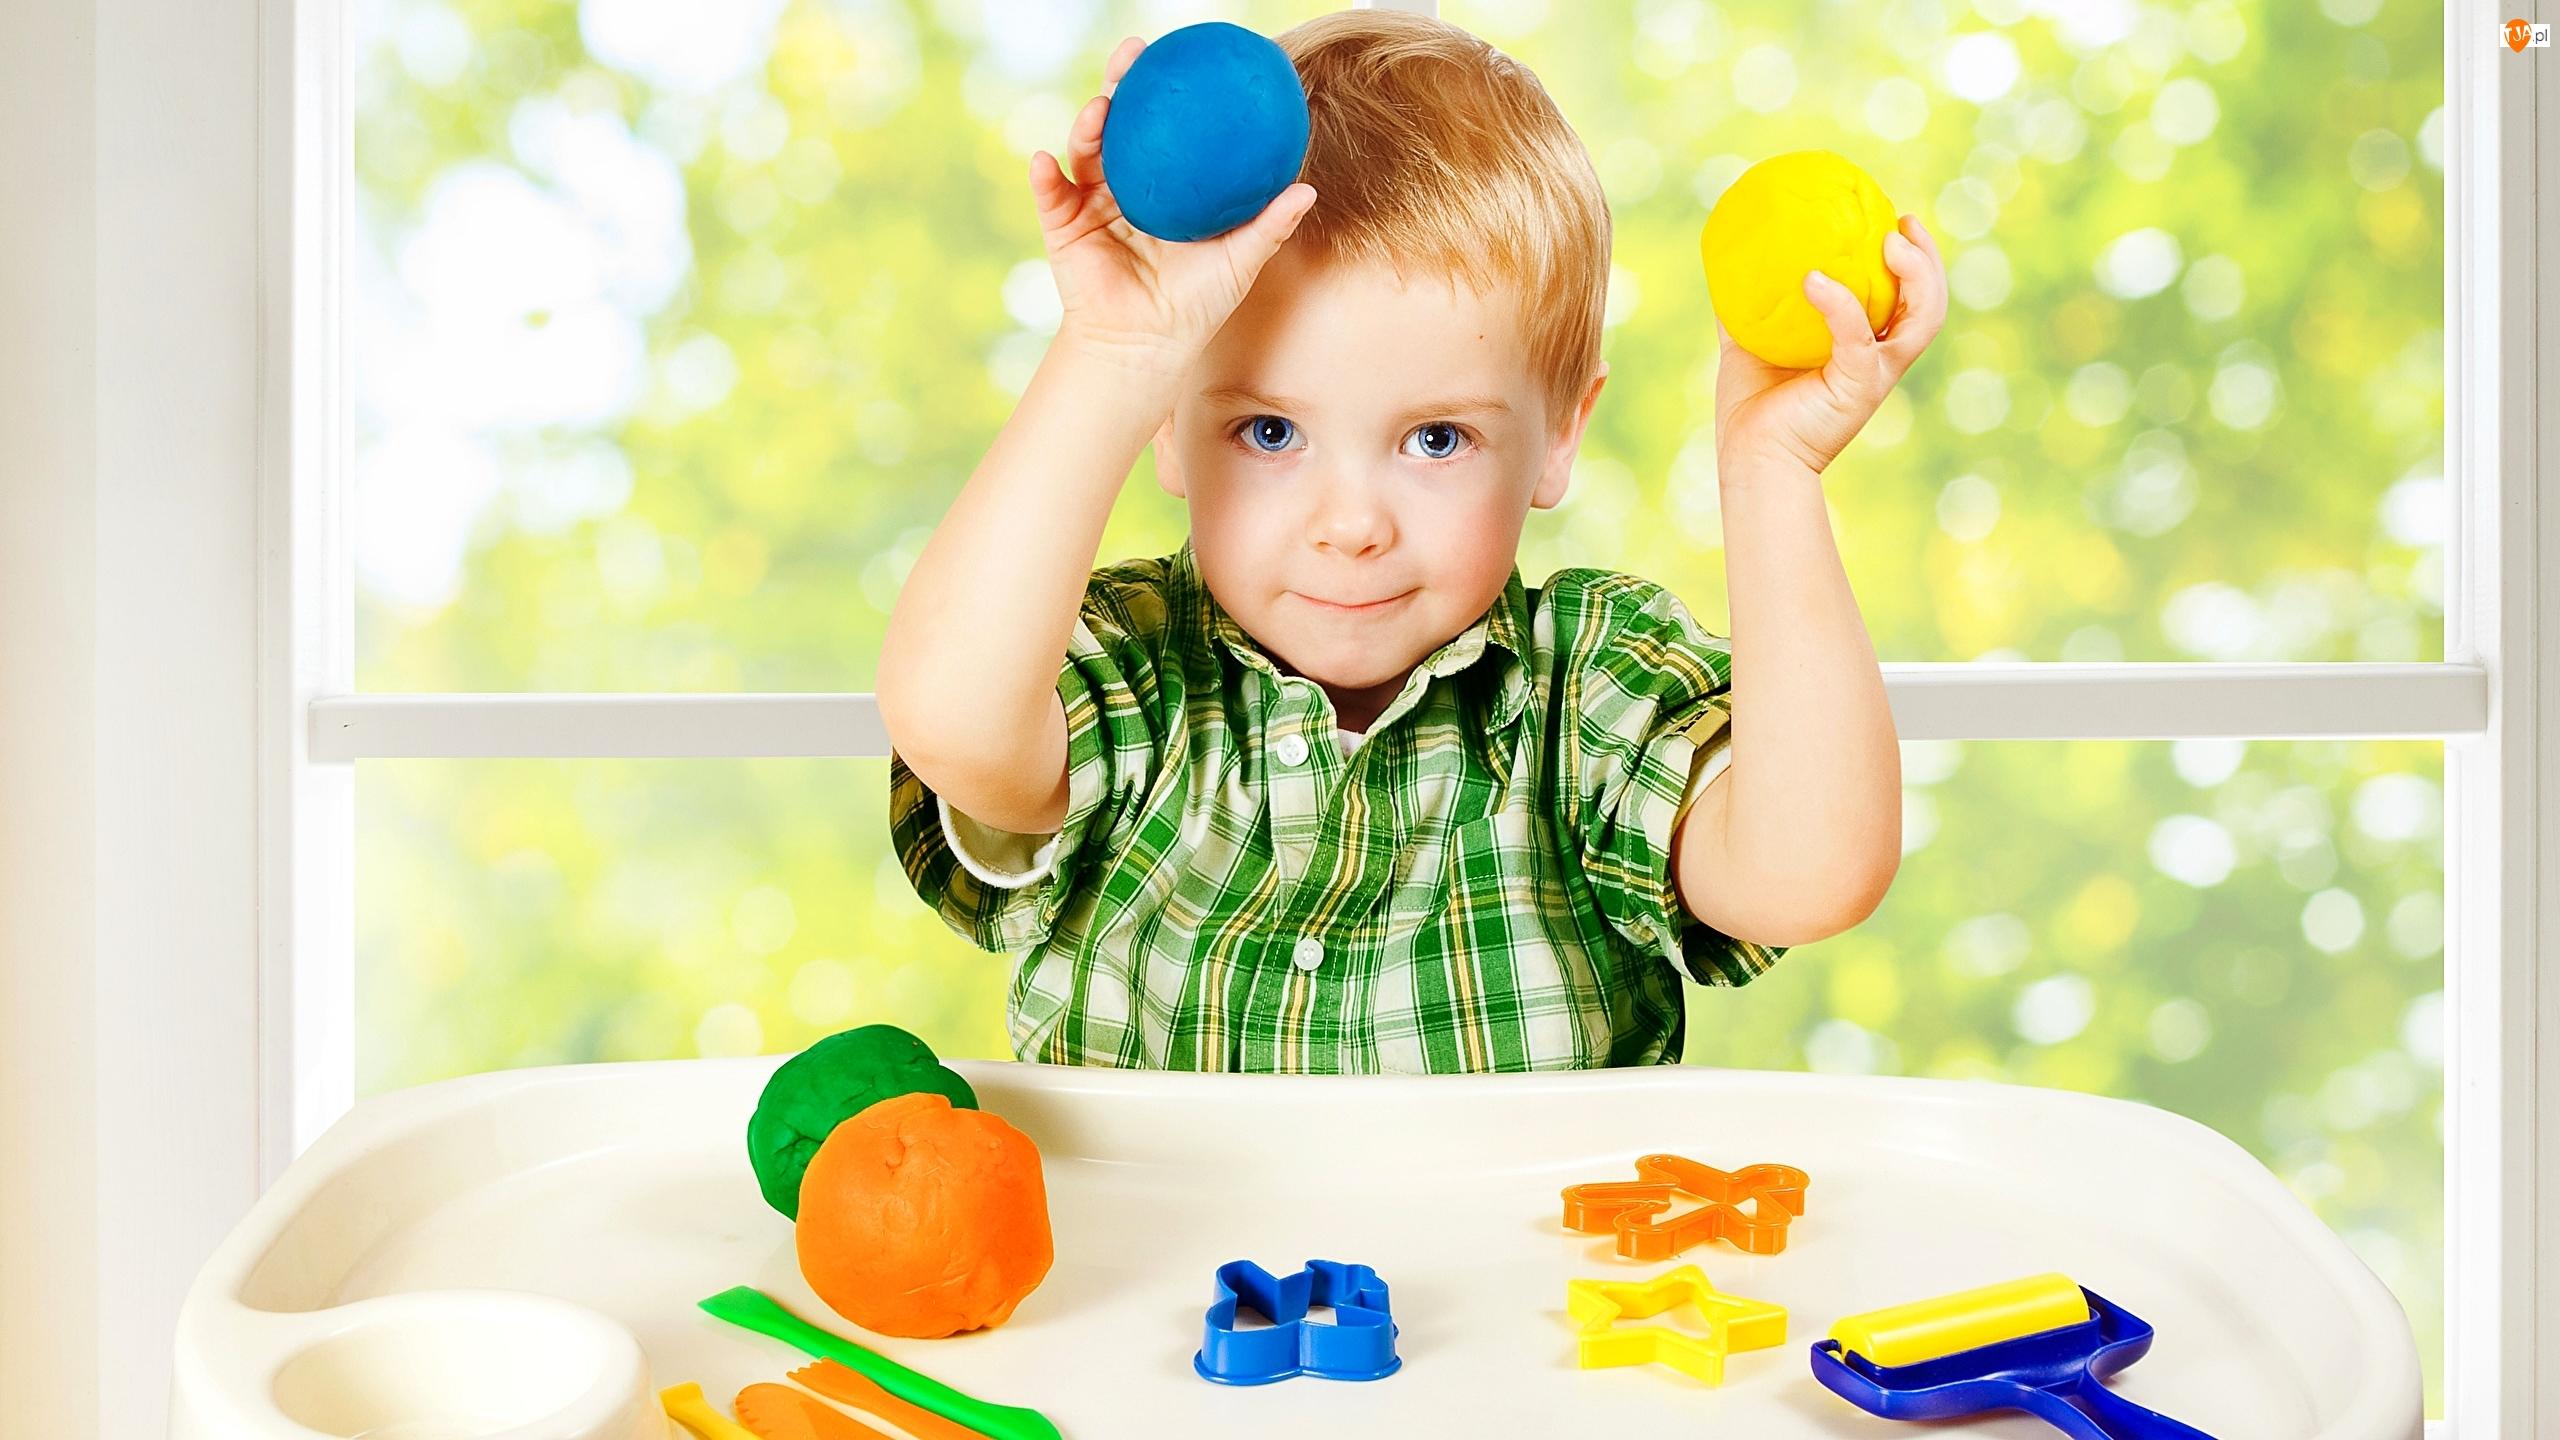 Zabawa, Chłopiec, Okno, Kulki, Foremki, Stolik, Ciastolina, Dziecko, Kolorowe